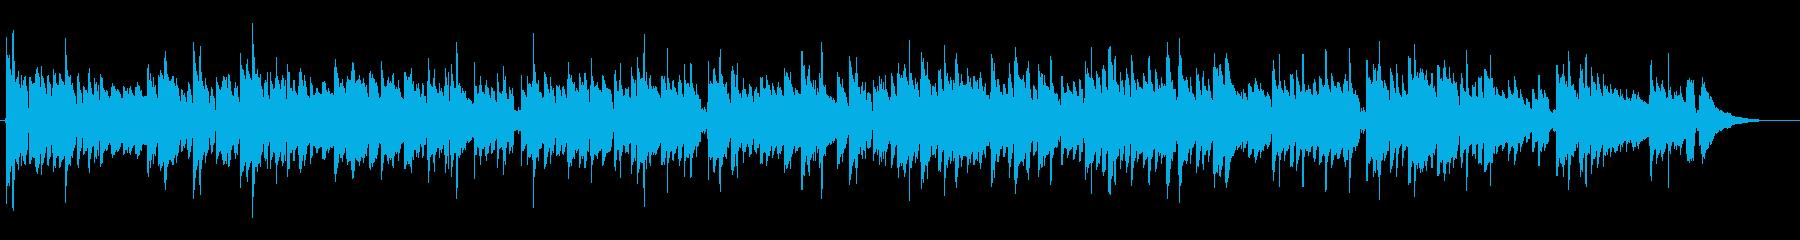 穏やかなアコギ 物静かな 力強い意志の再生済みの波形